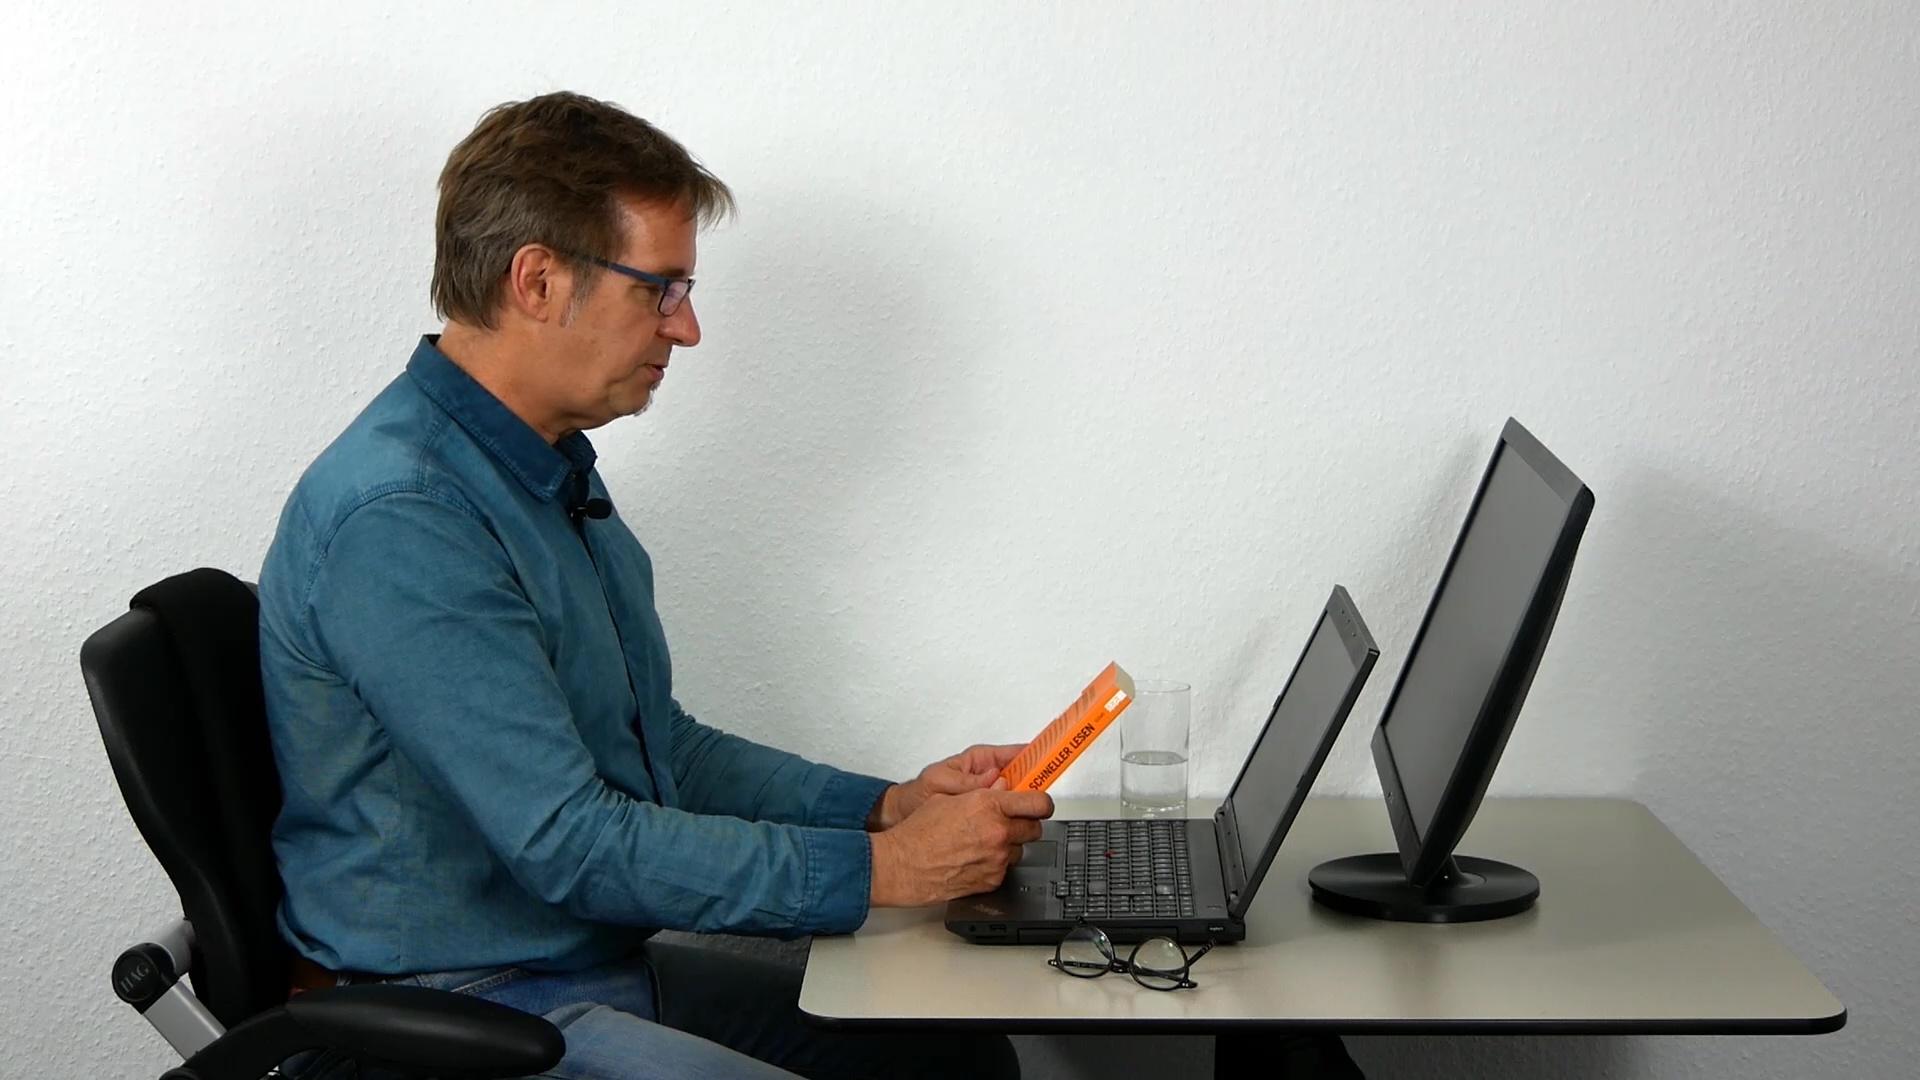 Ergonomie: Thomas sitzt vor einem Laptop, er zeigt die korrekte Bildschirmneigung. Dahinter steht ein größerer Bildschirm mit etwas geringerer Neigung.